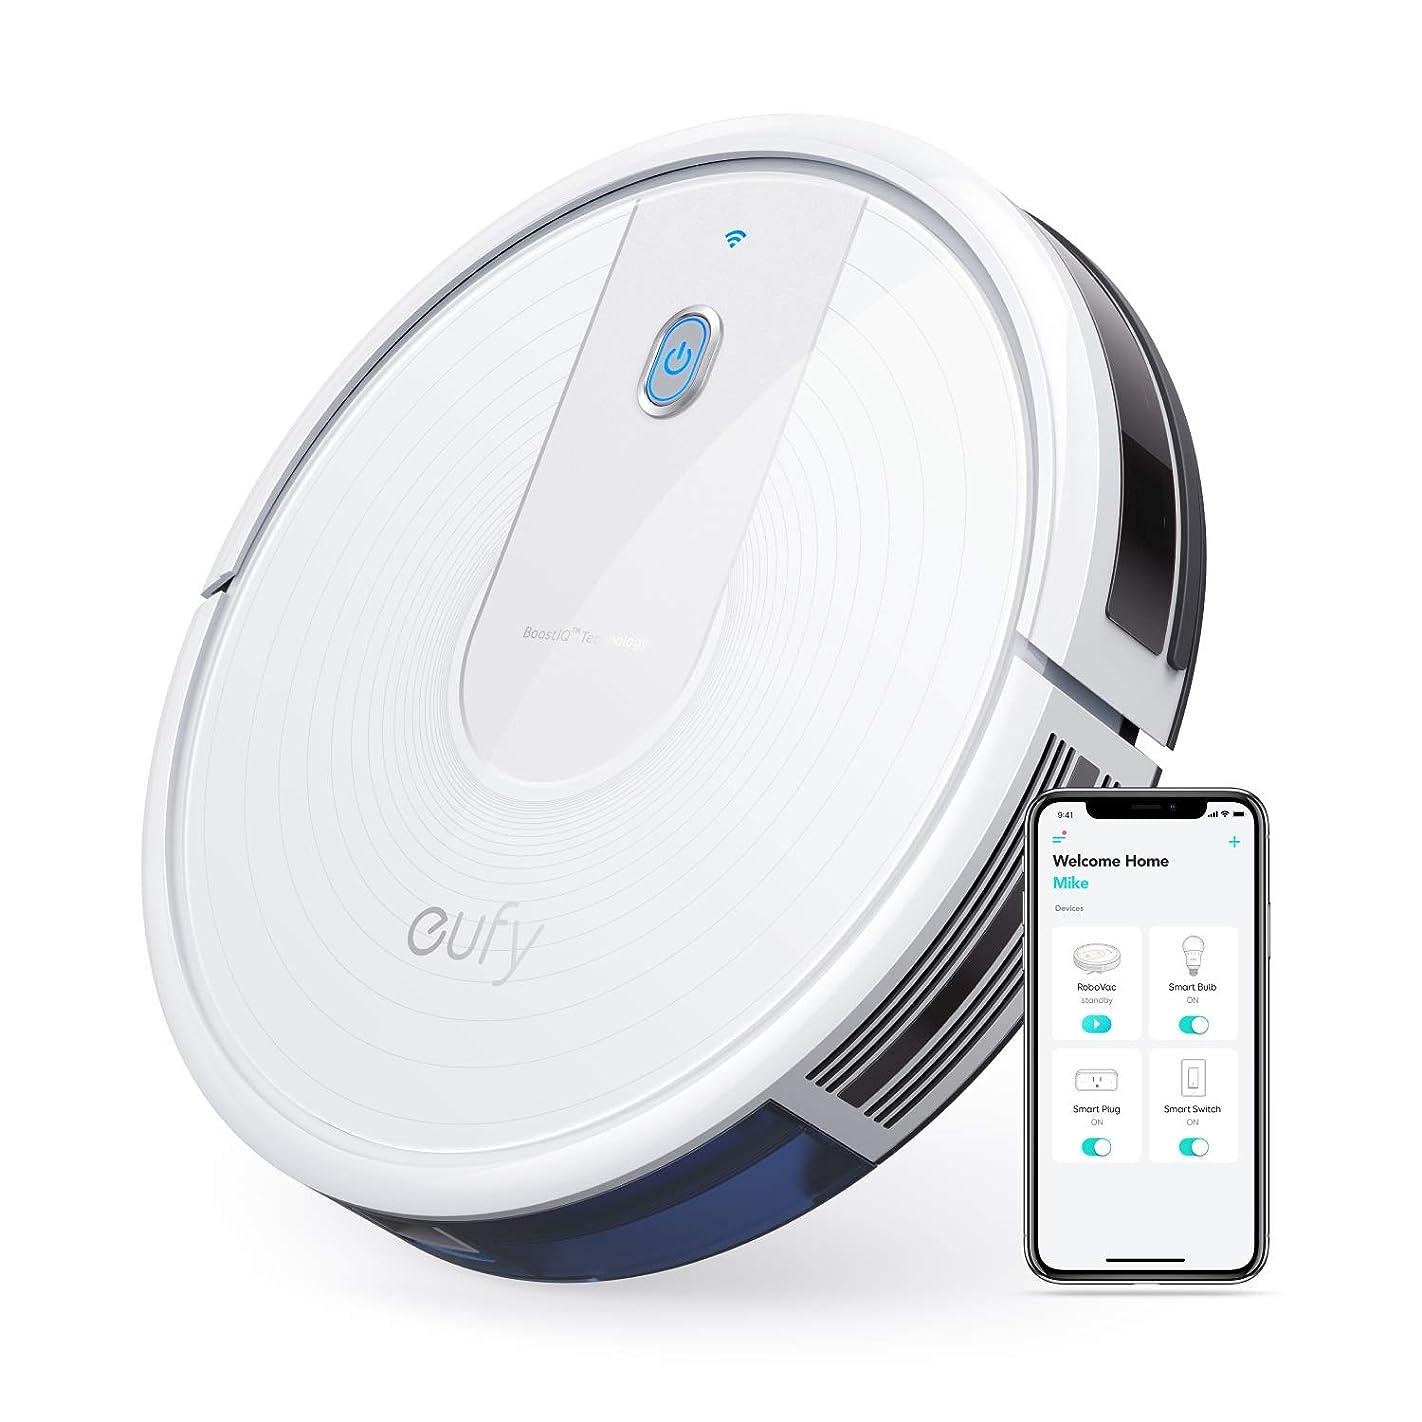 アボートリベラルエミュレートするAnker Eufy RoboVac 15C(ロボット掃除機)【BoostIQ搭載/Wi-Fi対応/超薄型 / 1300Paの強力吸引 / 静音設計/自動充電】